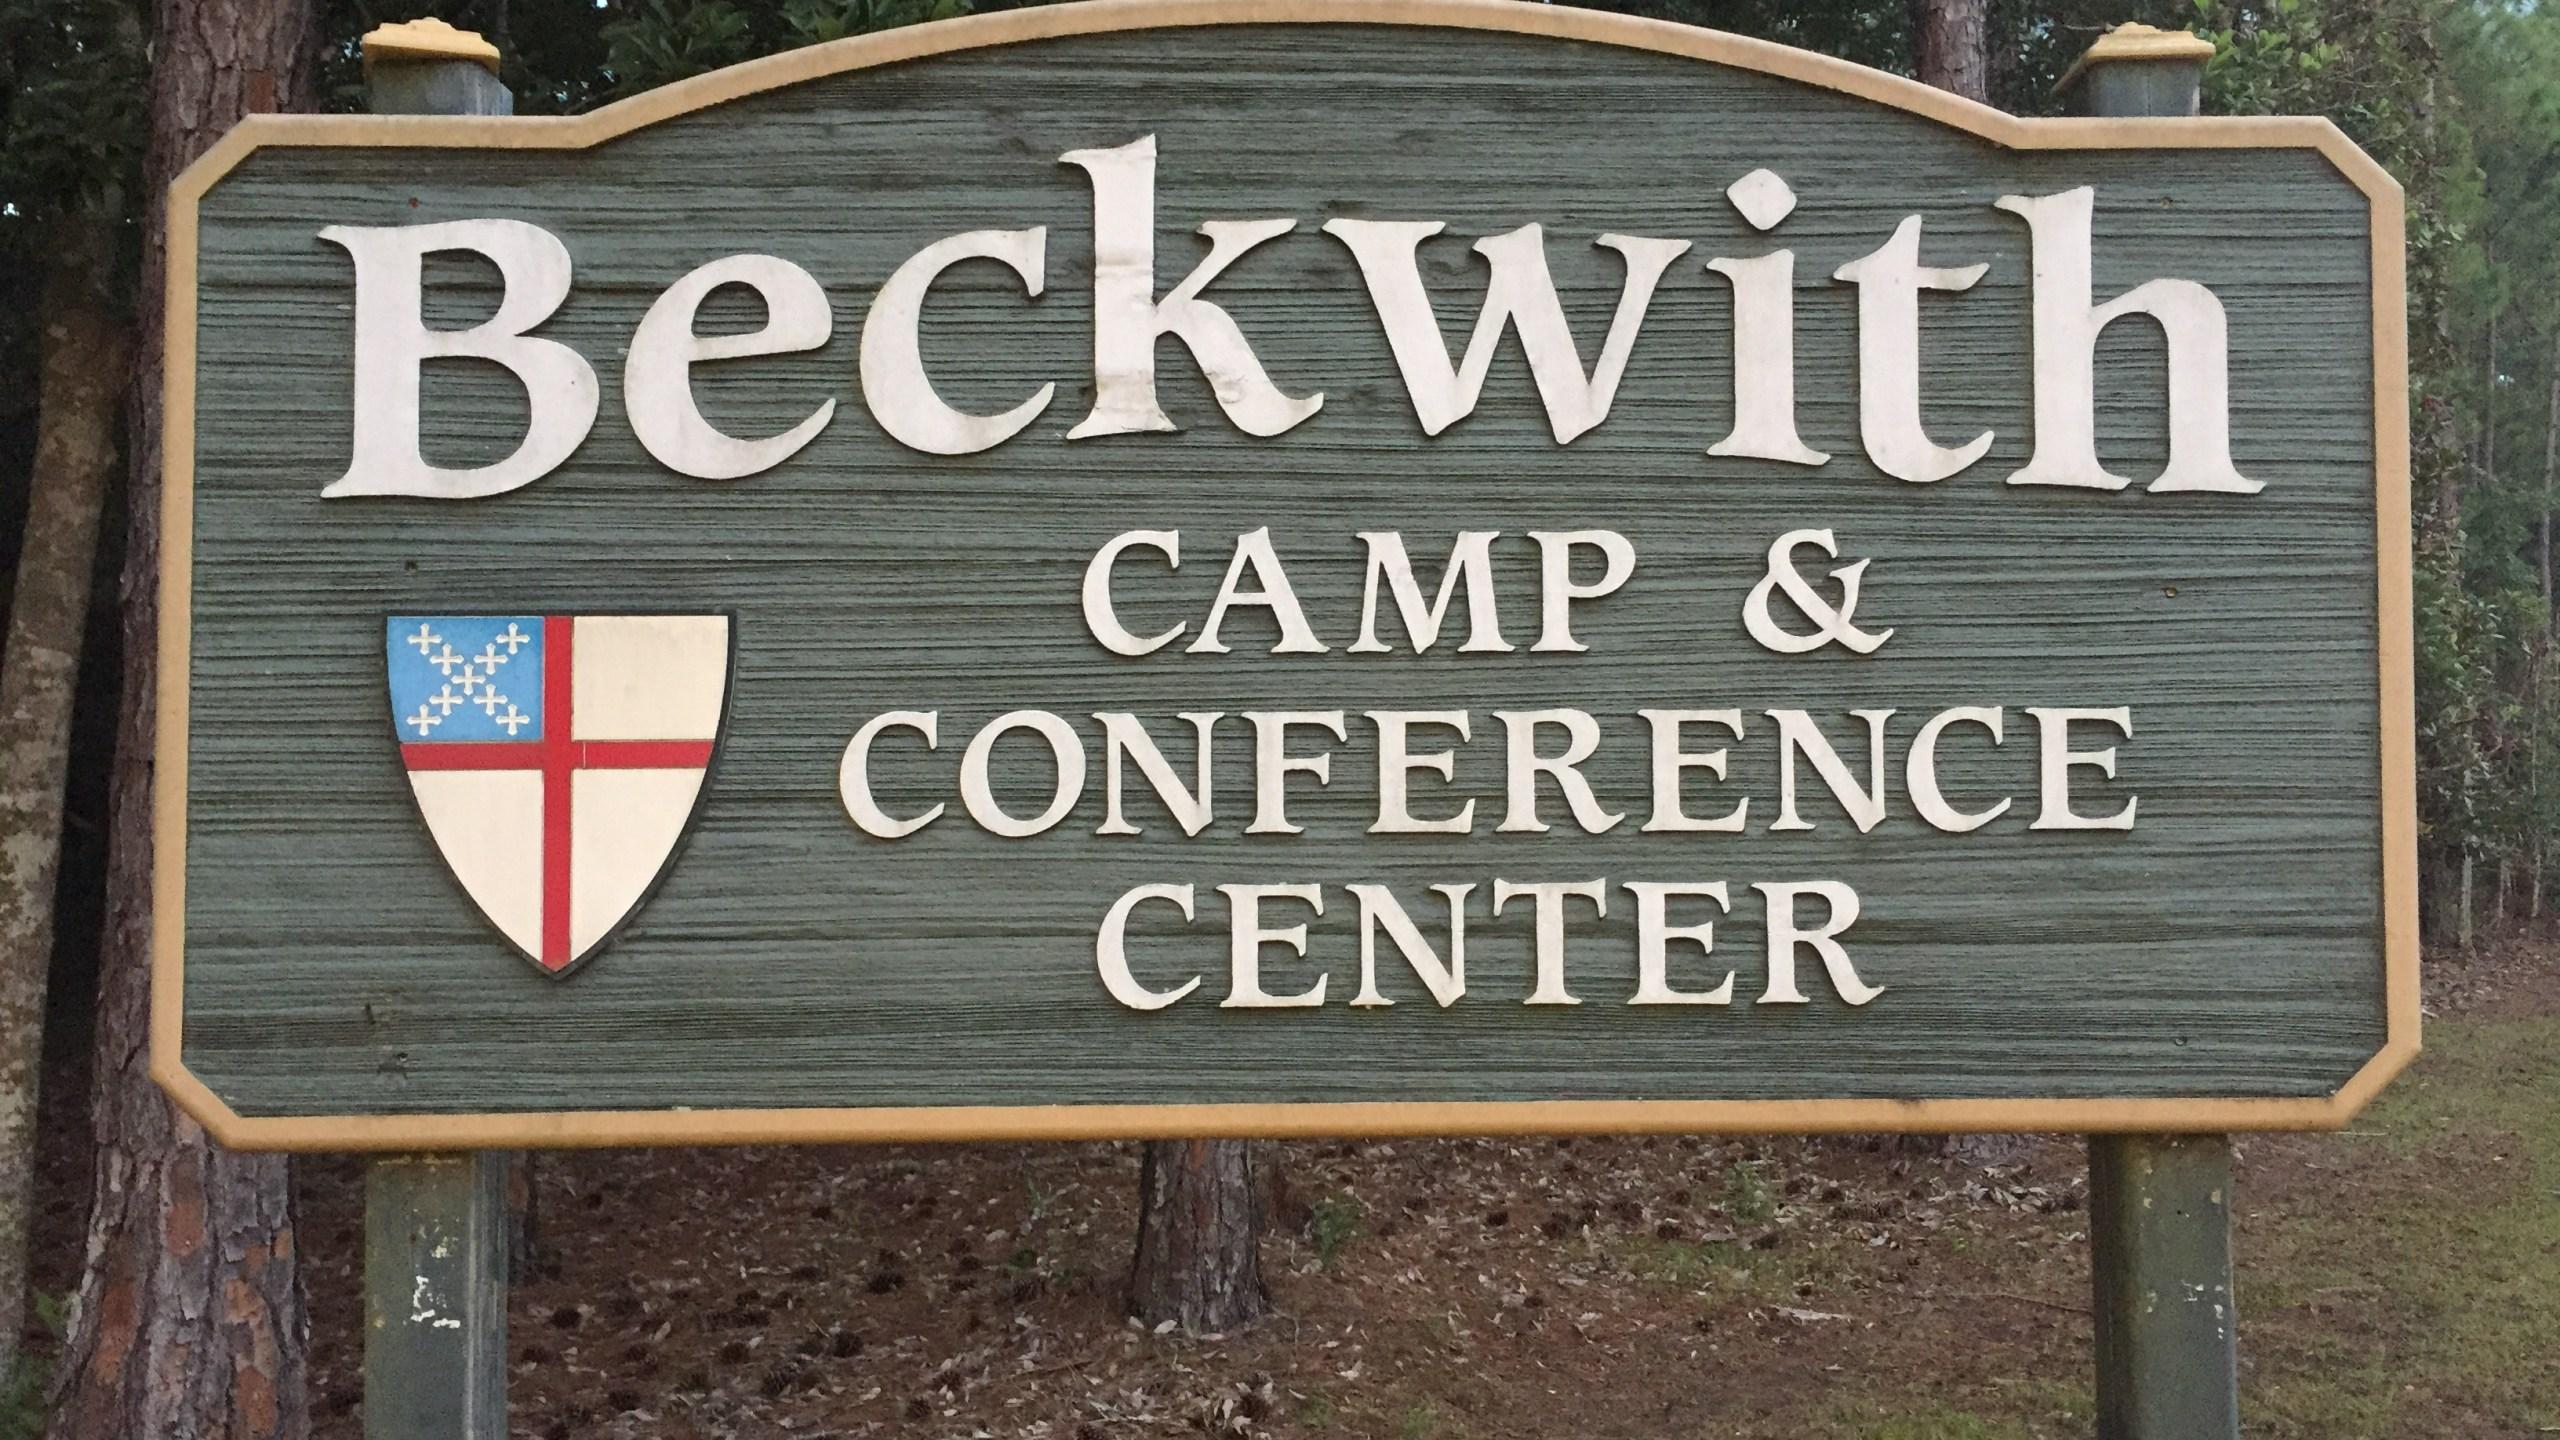 camp beckwith_1532567618274.JPG.jpg